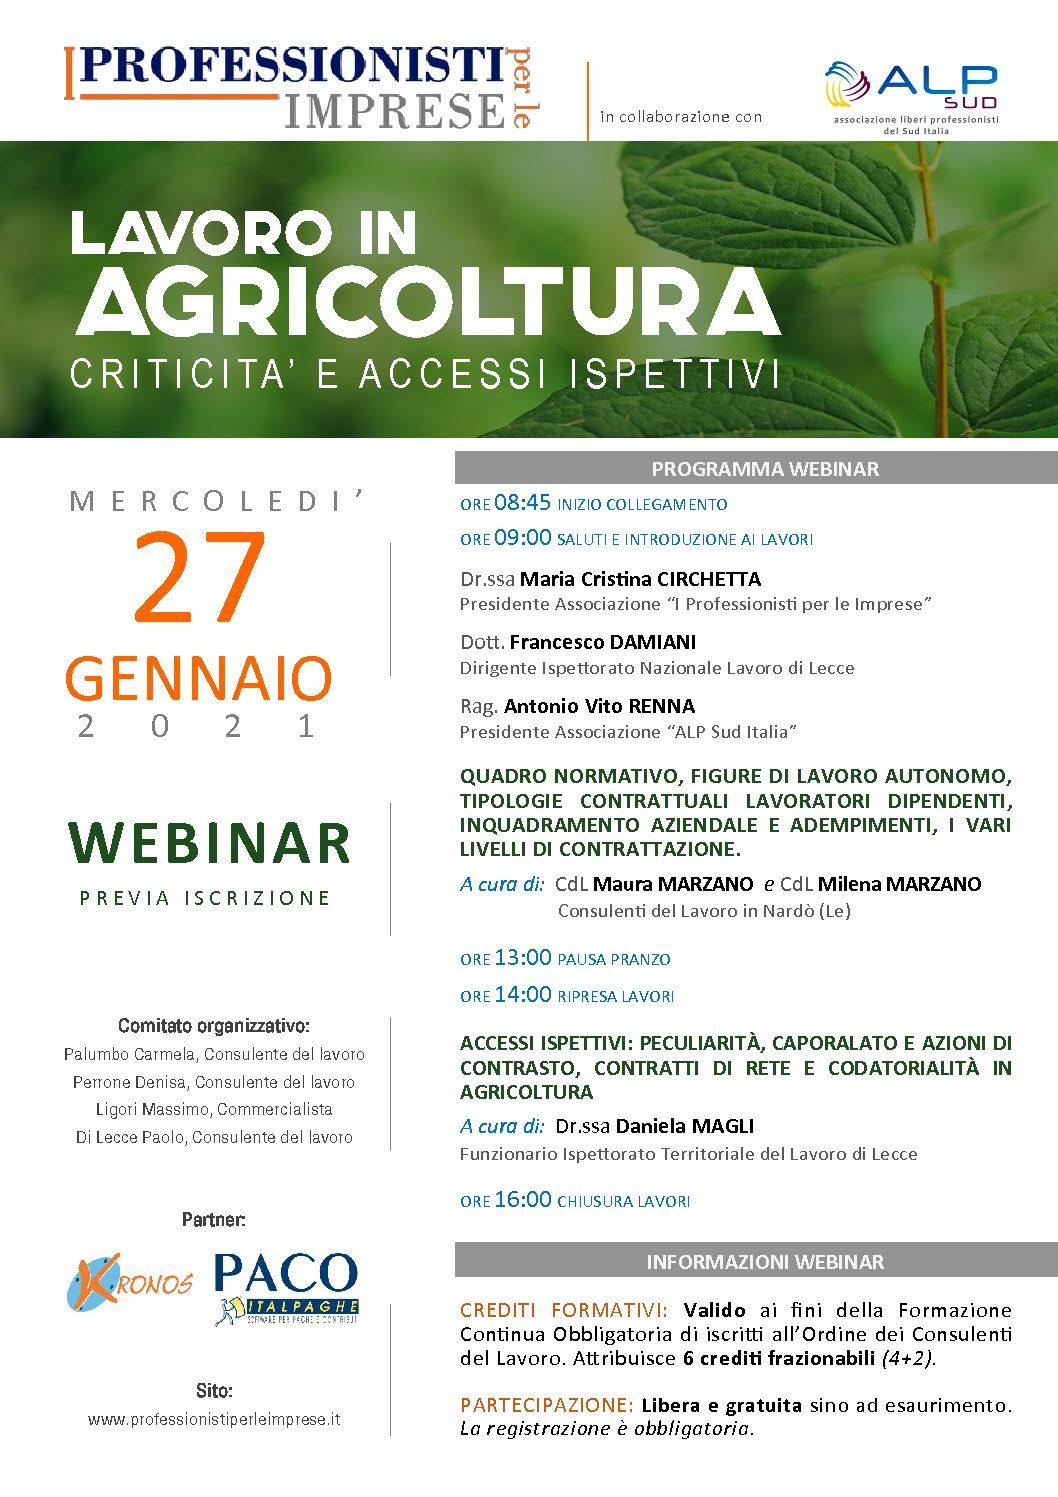 """VIDEOCONFERENZA """"LAVORO IN AGRICOLTURA: CRITICITA' E ACCESSI ISPETTIVI"""" - MERCOLEDI' 27 GENNAIO 2021"""